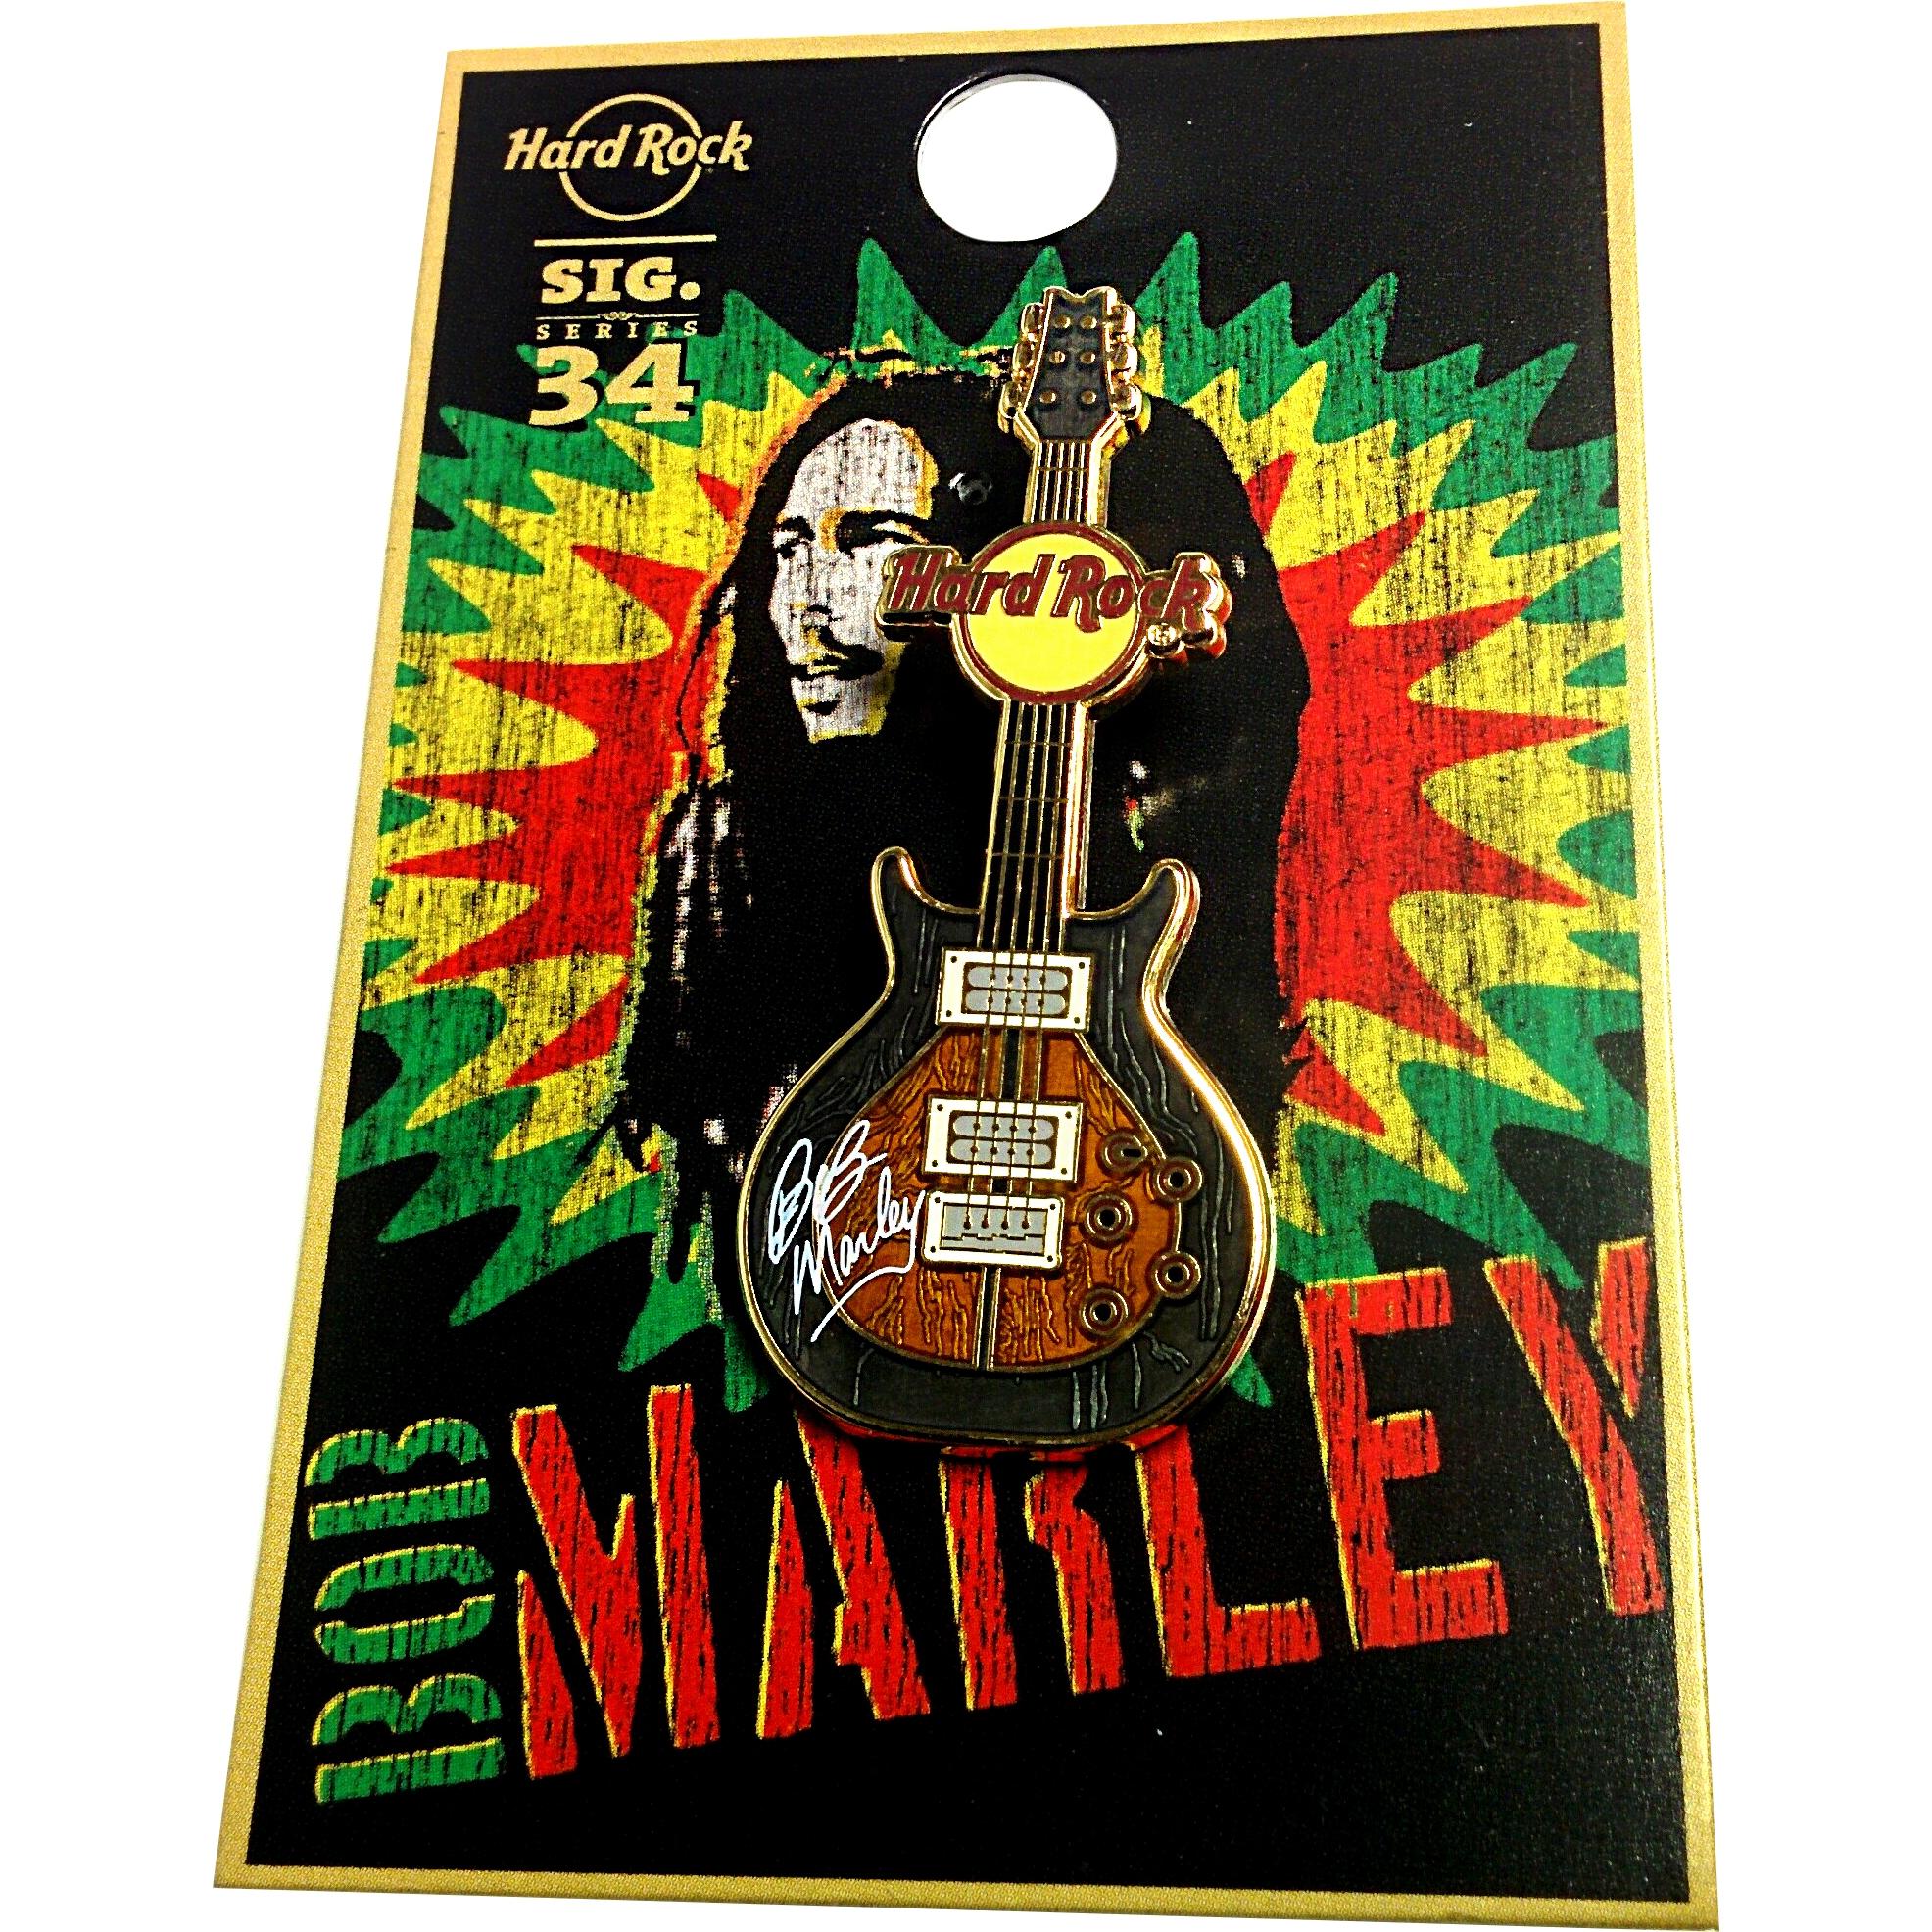 Bob Marley Signature Series 34 Pin Zoomed